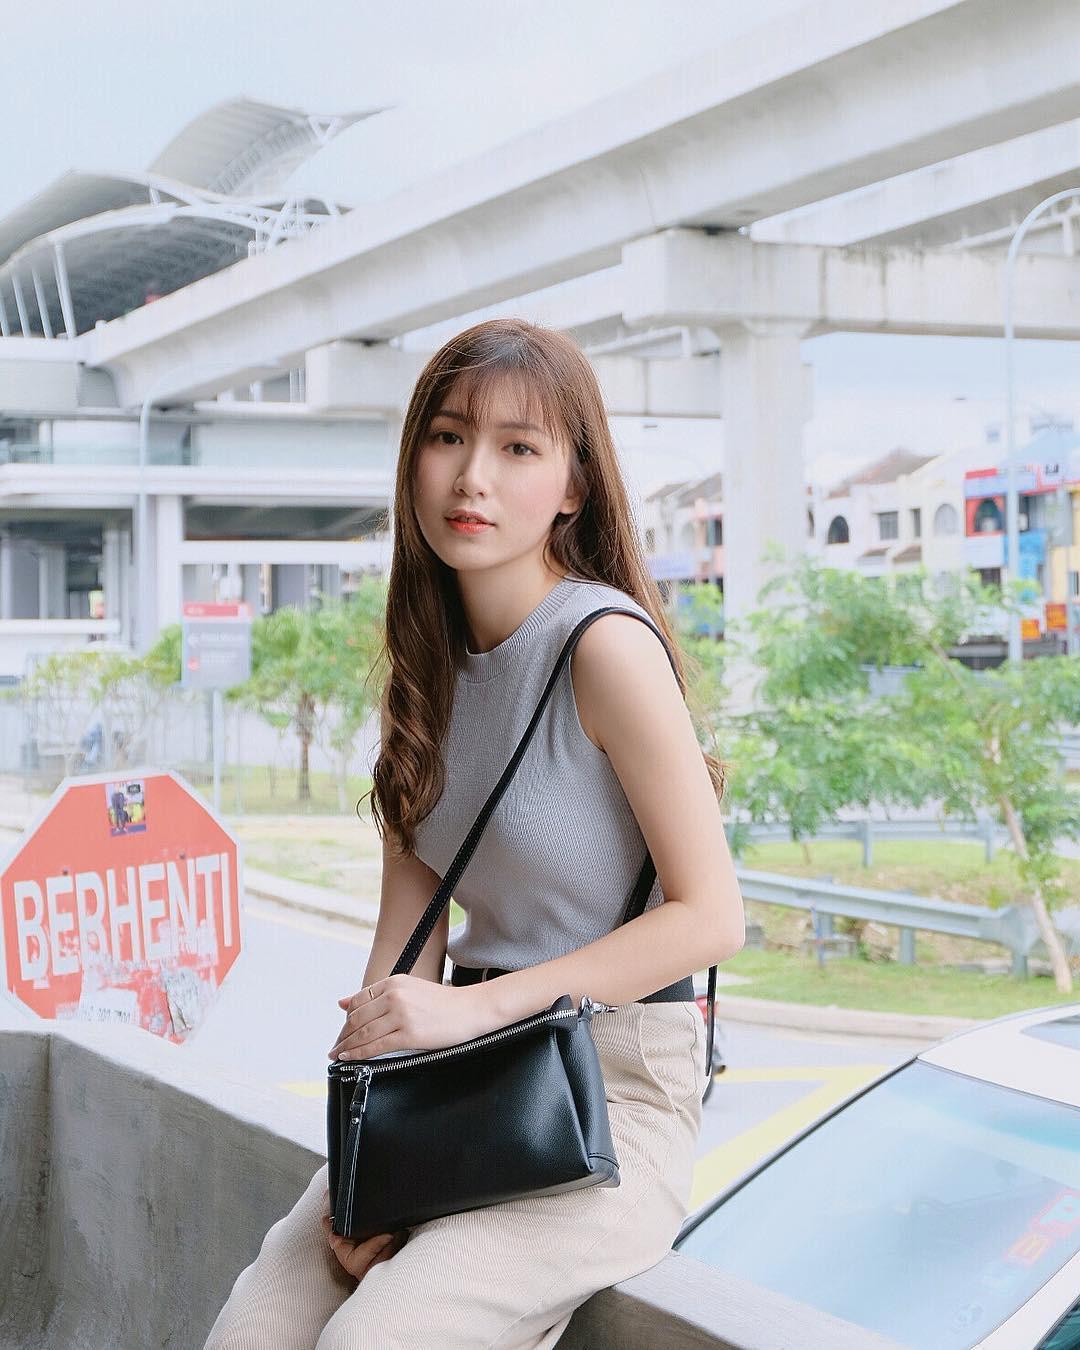 Nhan sắc trong veo như tình đầu của cô bạn đến từ Malaysia - Ảnh 1.